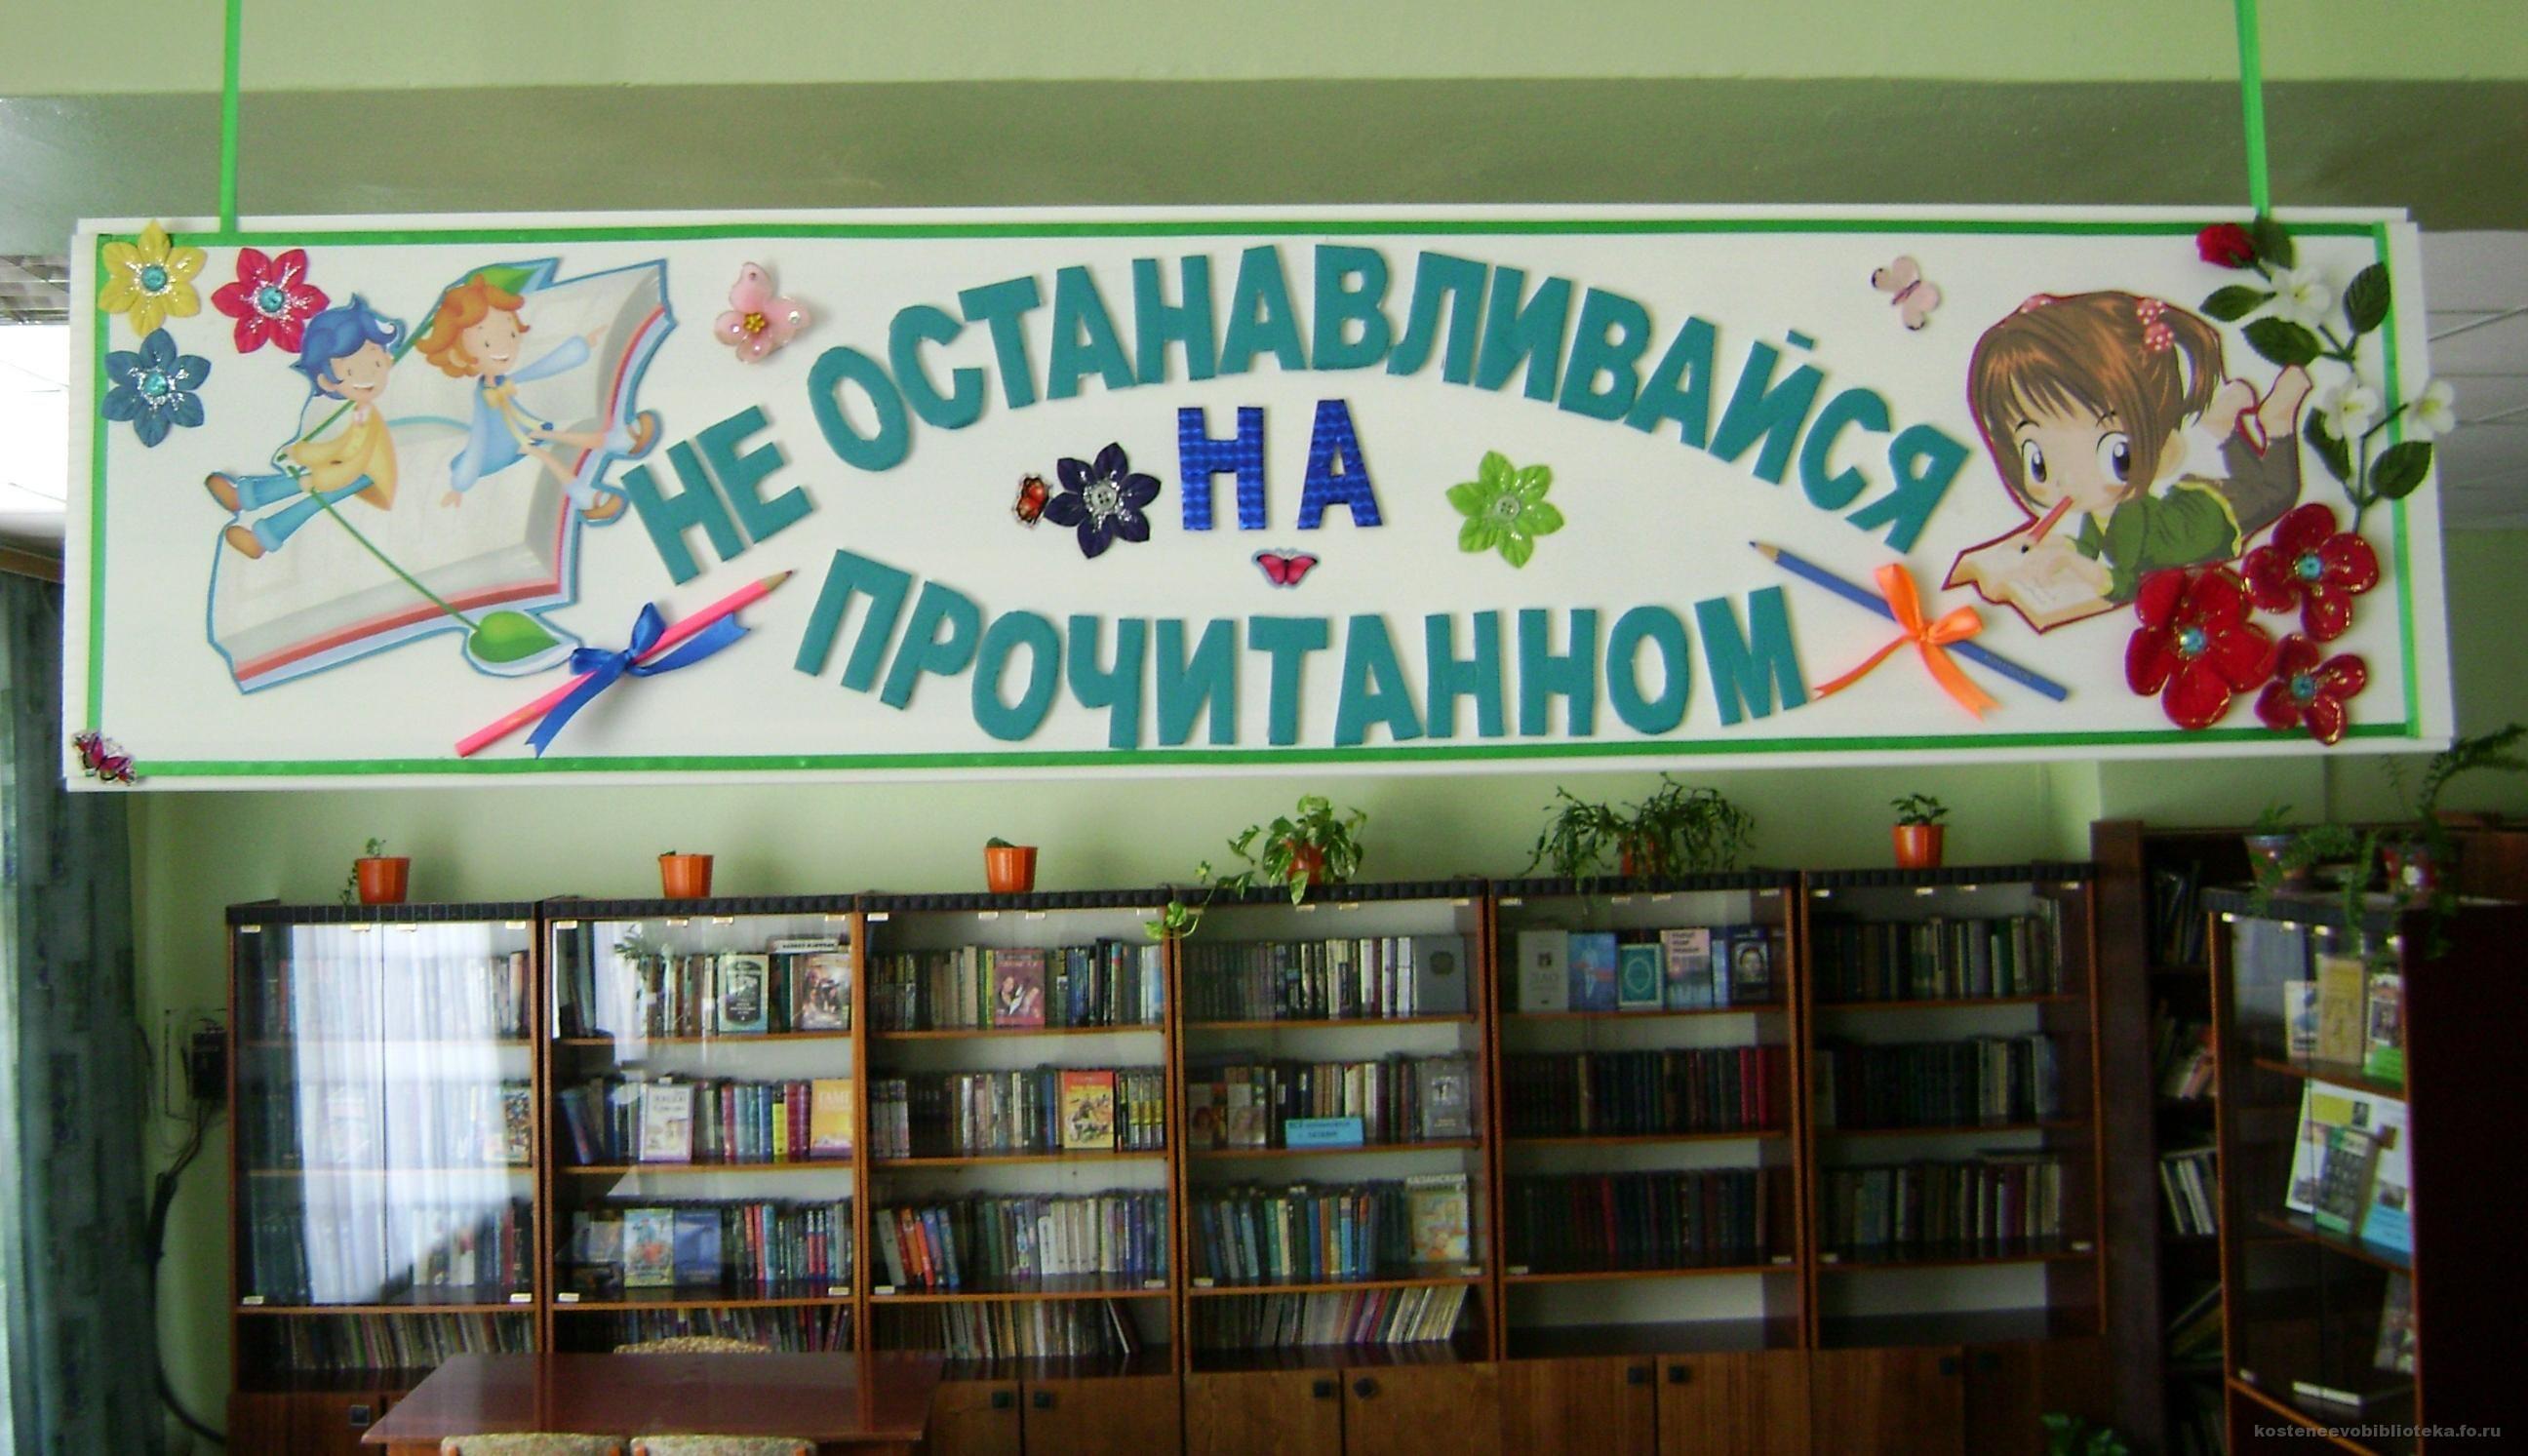 оформление библиотеки своими руками в картинках представляют